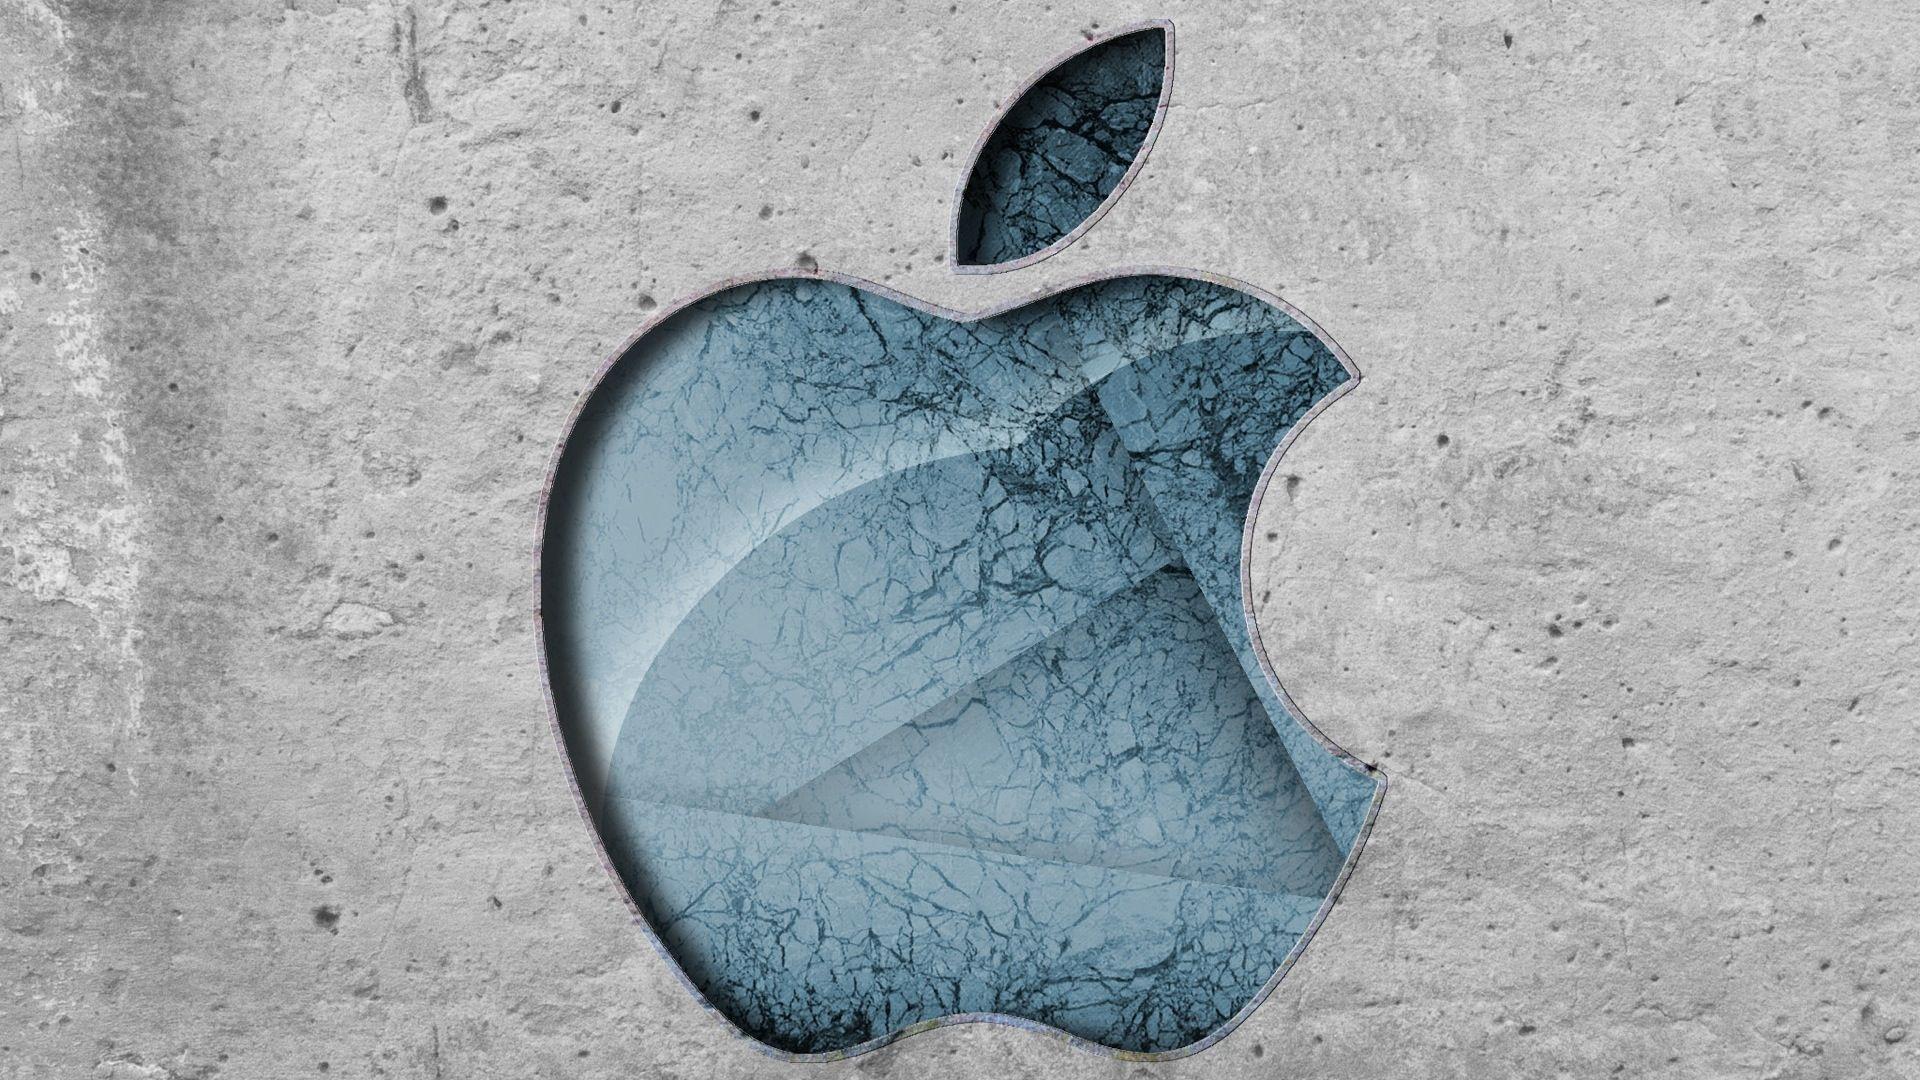 Apple Ipad free image